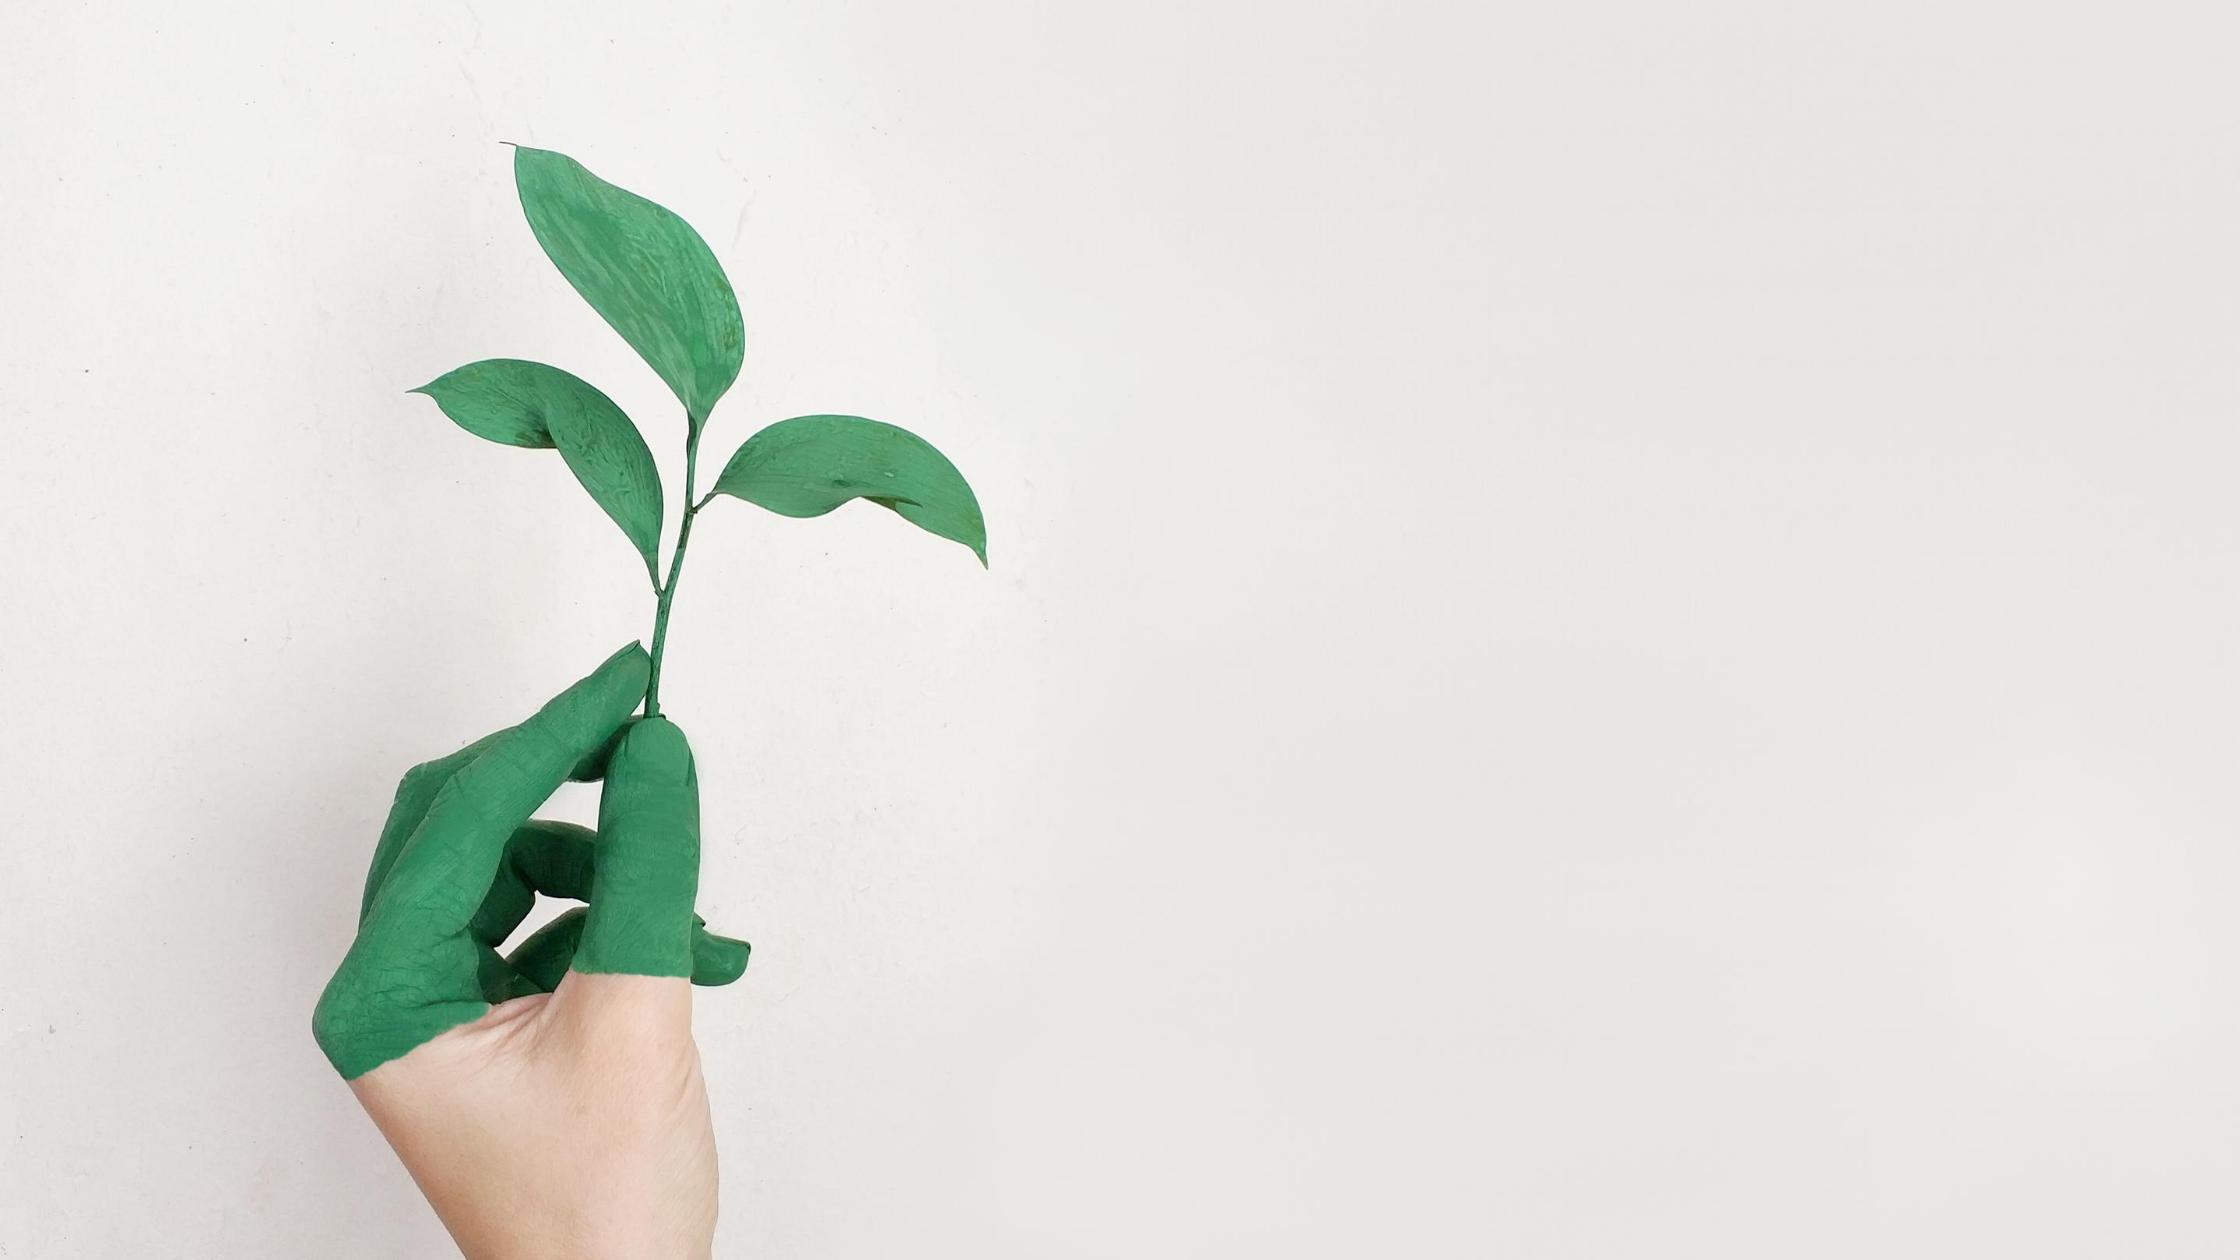 Lebst du eigentlich nachhaltig genug?